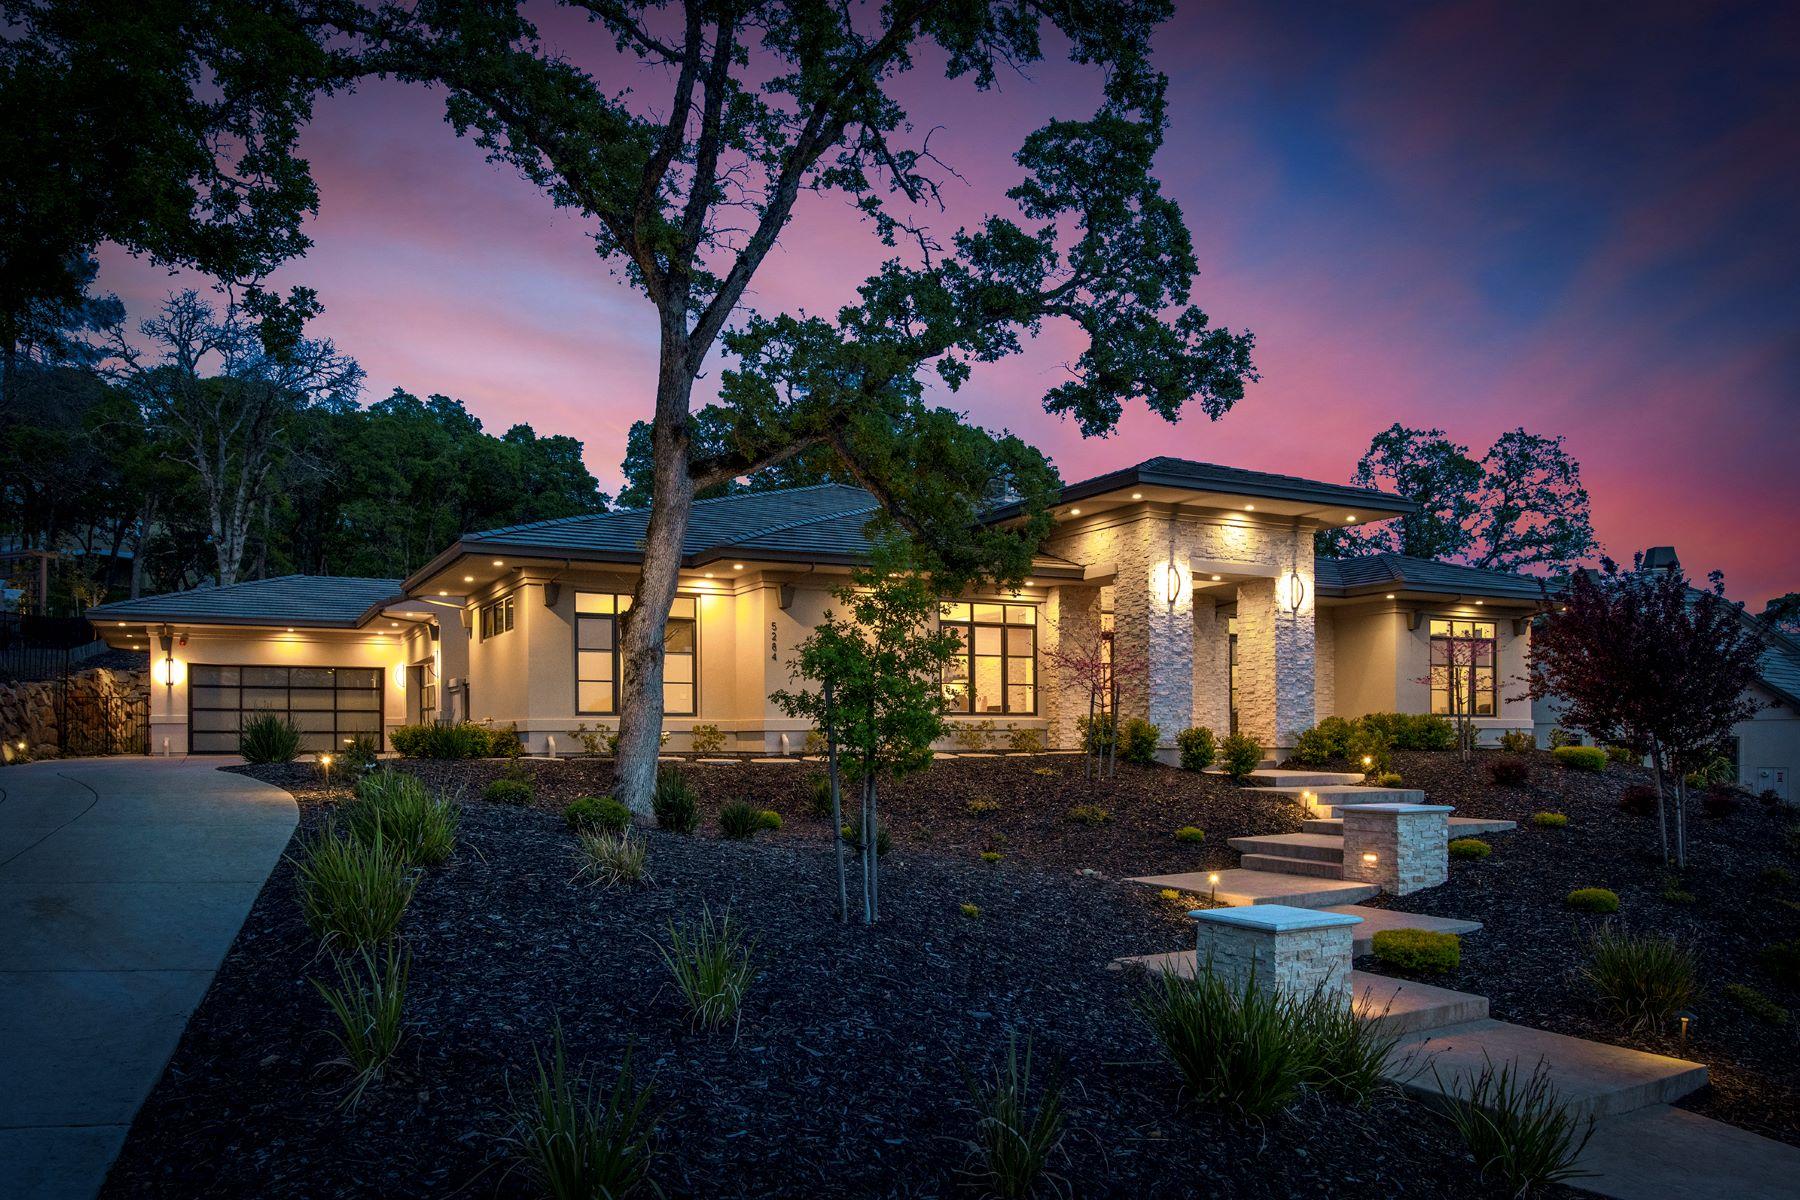 獨棟家庭住宅 為 出售 在 5284 Da Vinci Drive, El Dorado Hills, CA 95762 5284 Da Vinci Drive El Dorado Hills, 加利福尼亞州 95762 美國